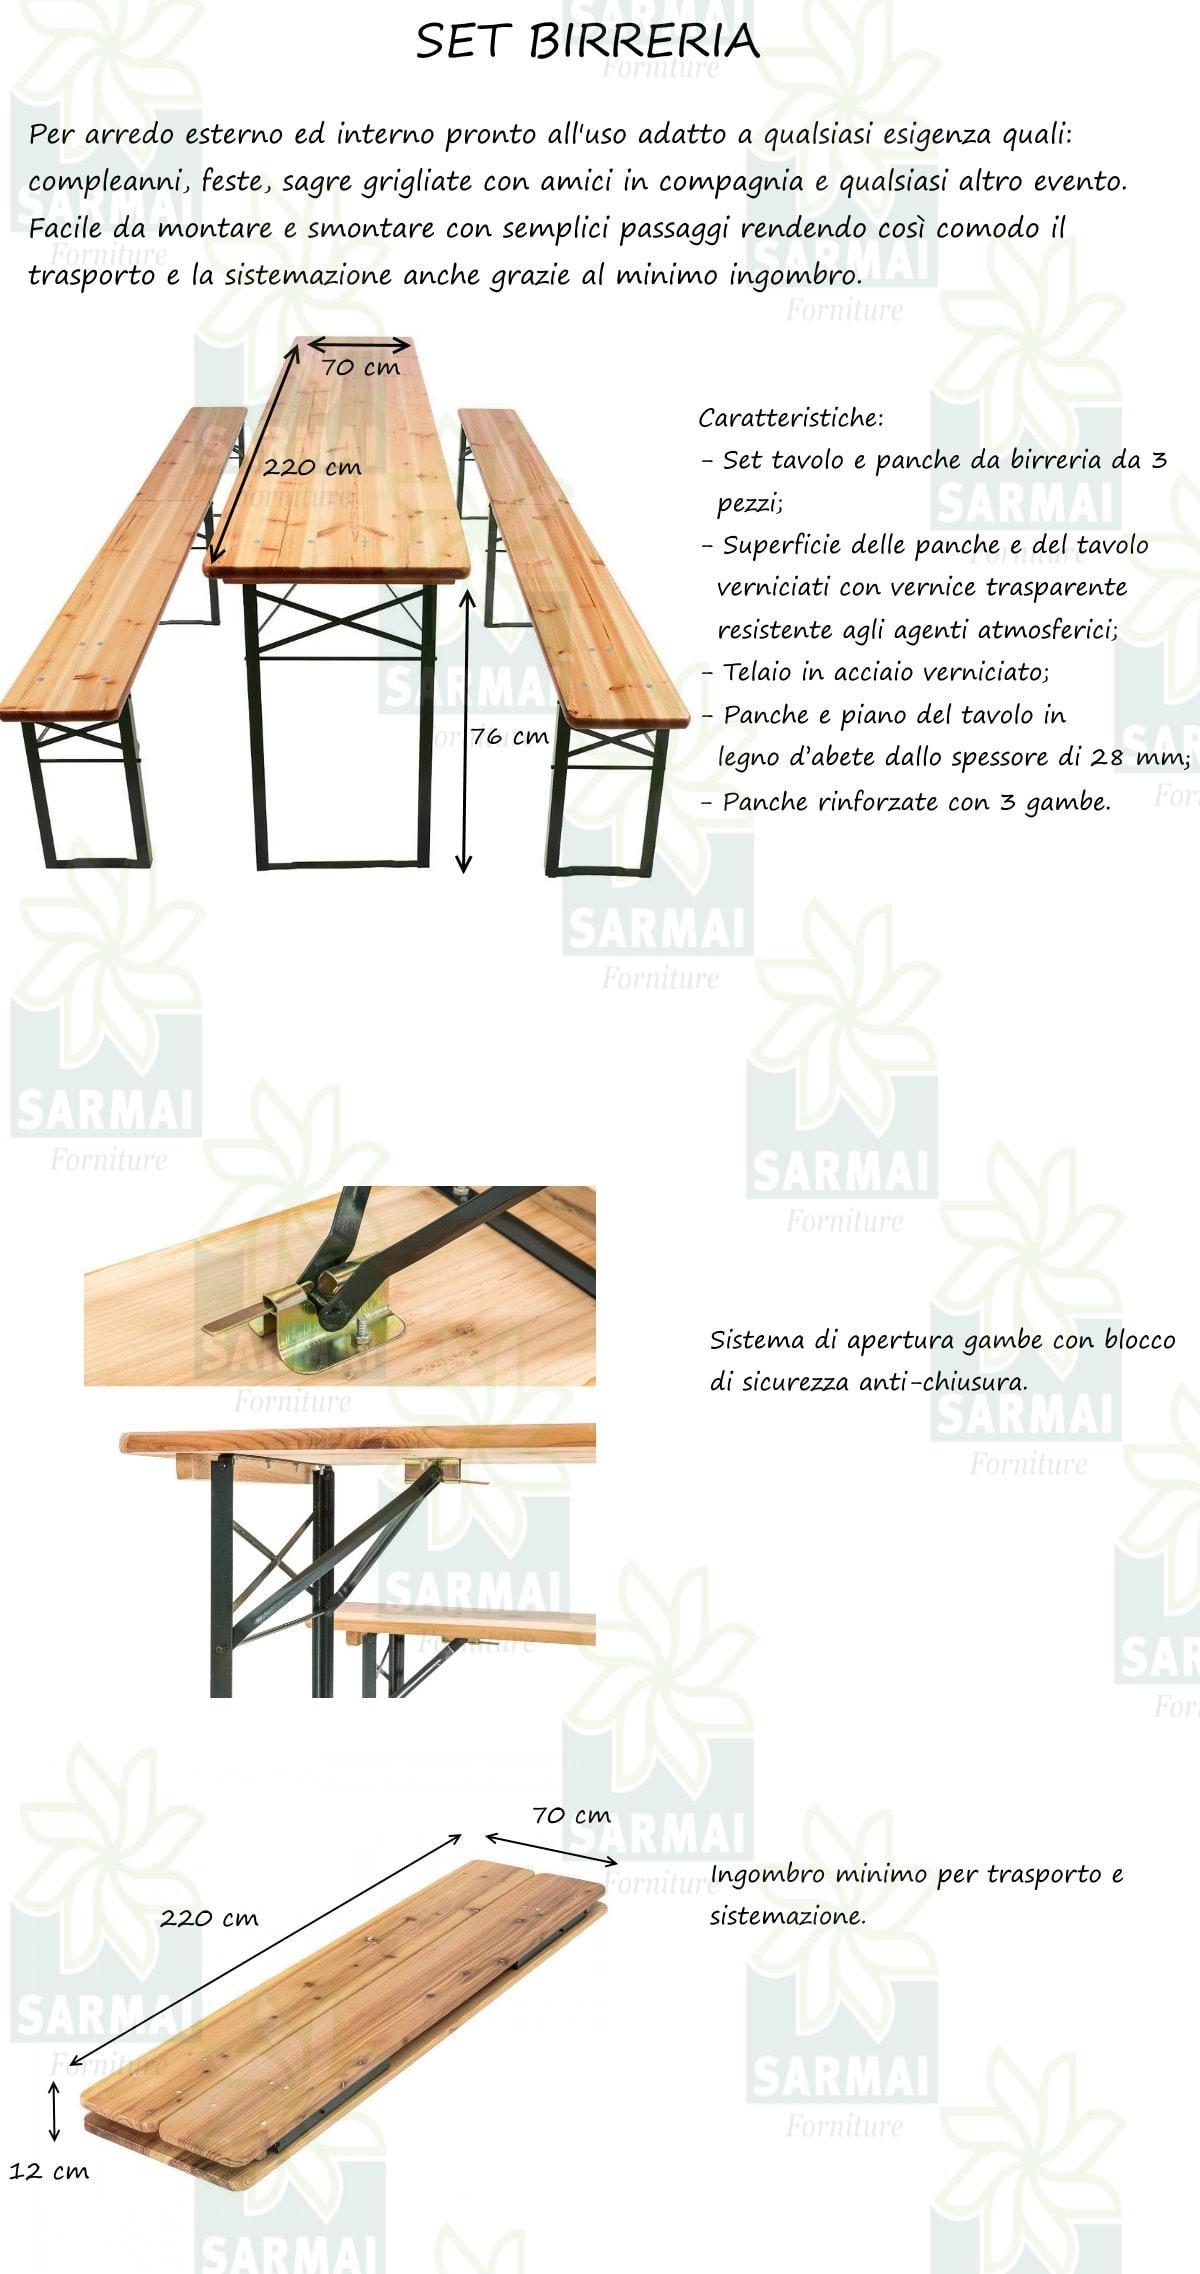 Tavoli E Panche Per Sagre.Set Birreria Tavolo 2 Panche Richiudibili In Legno 220x70xh76